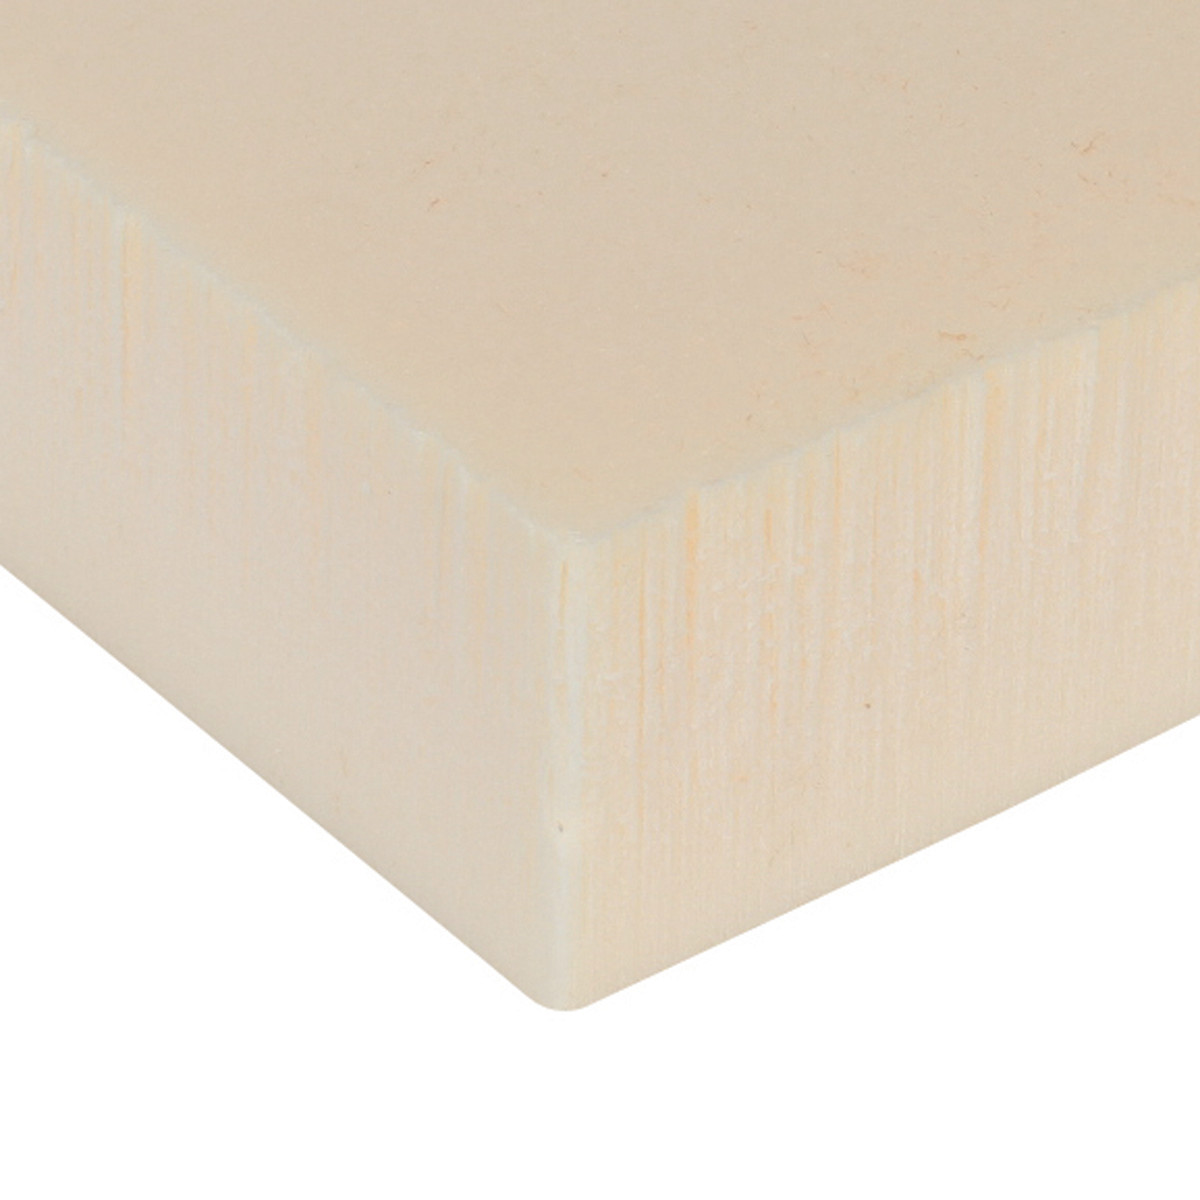 Appendiabiti a muro design - Pannelli isolanti termici ...